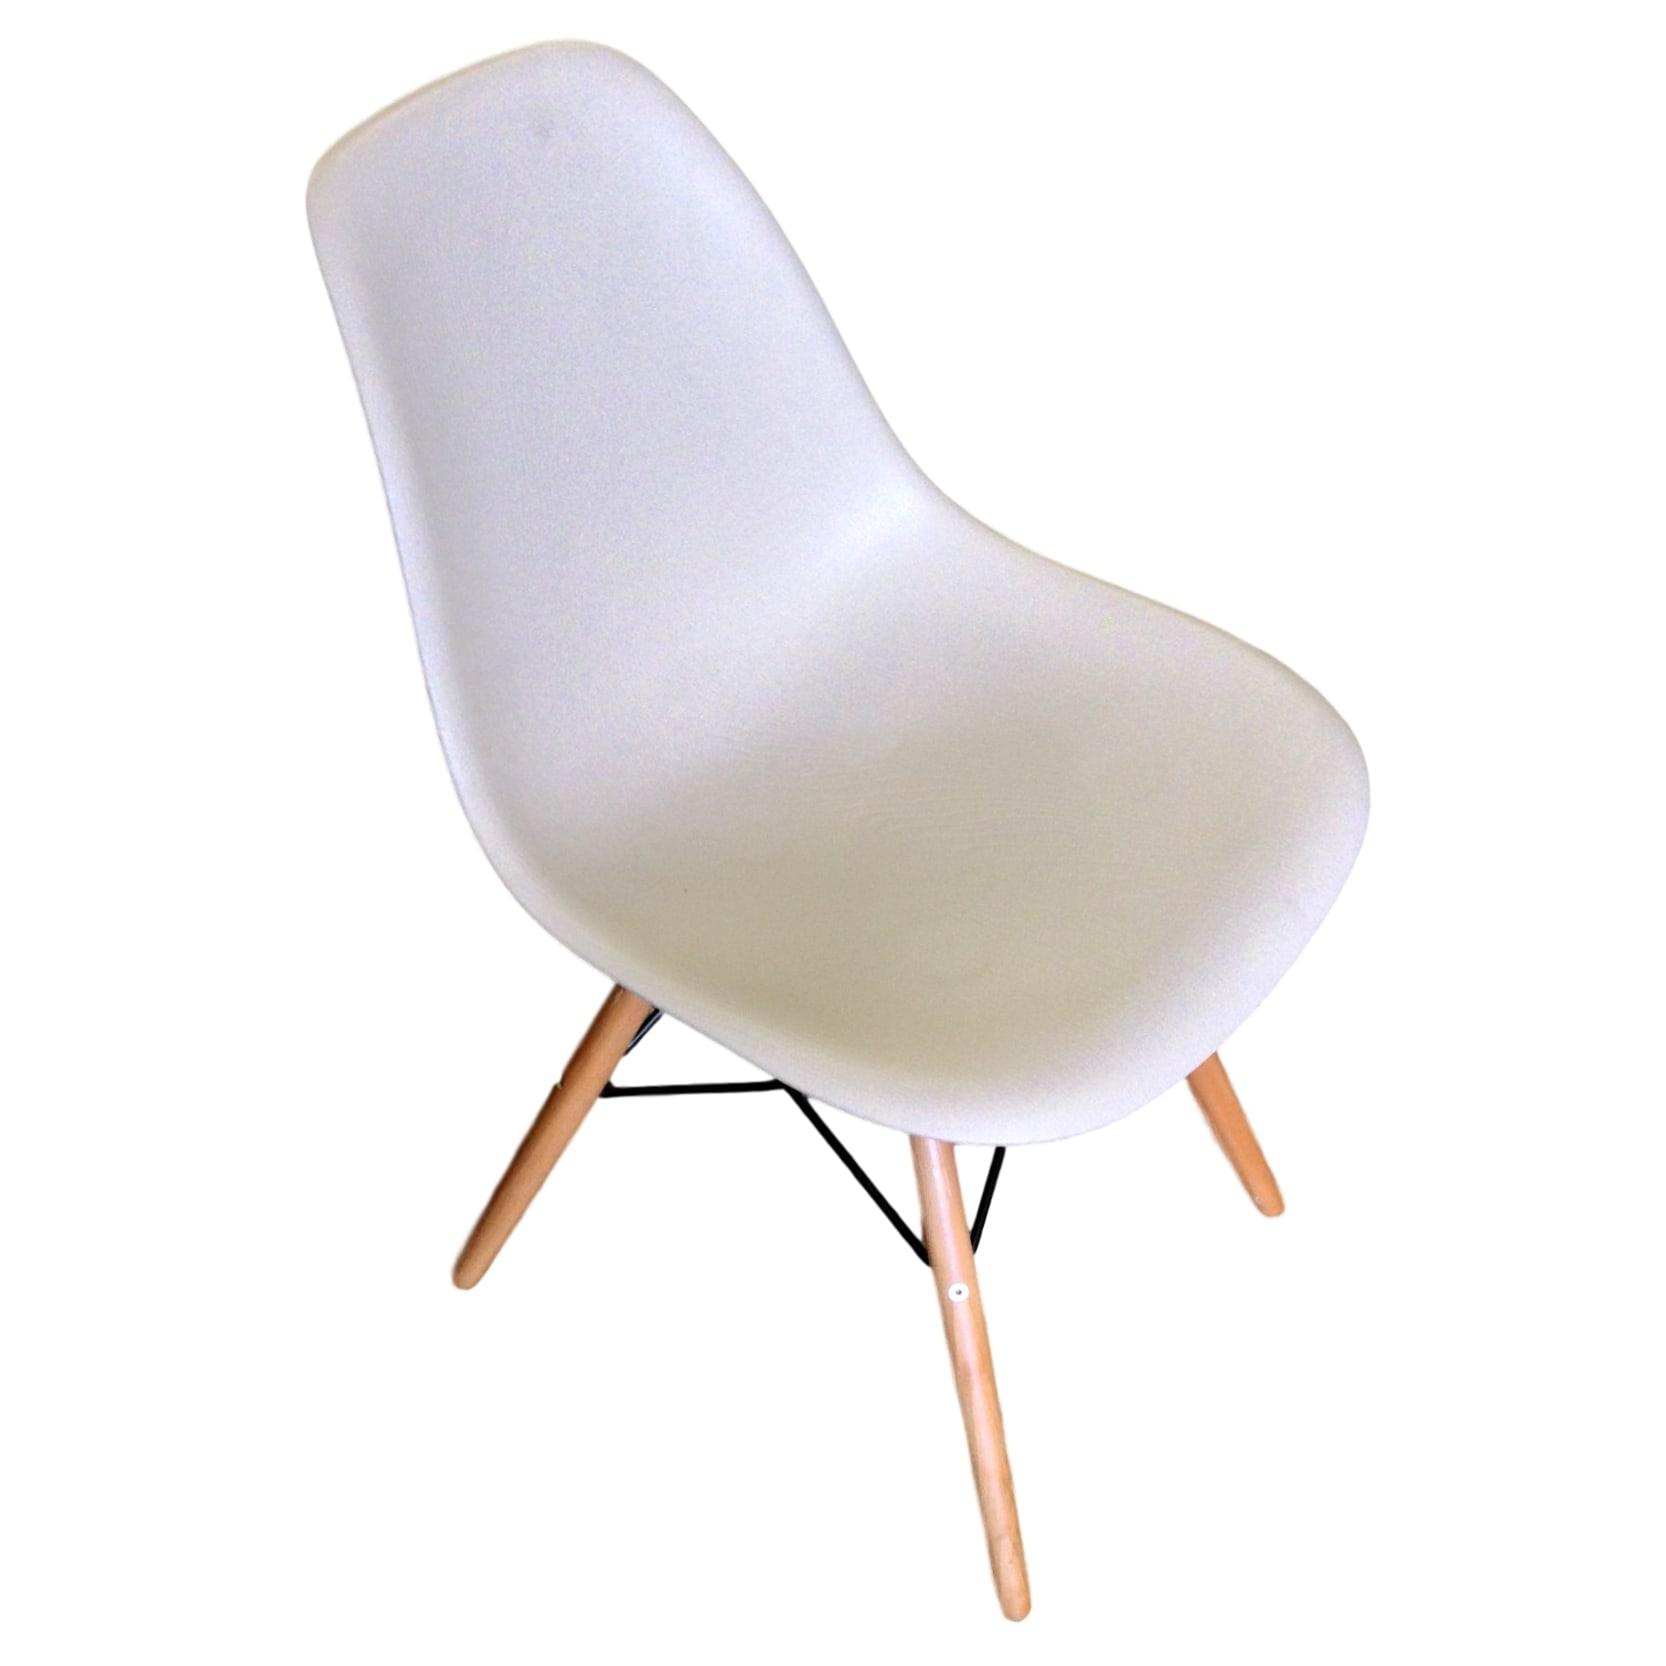 Merveilleux Molded Chair_78549A